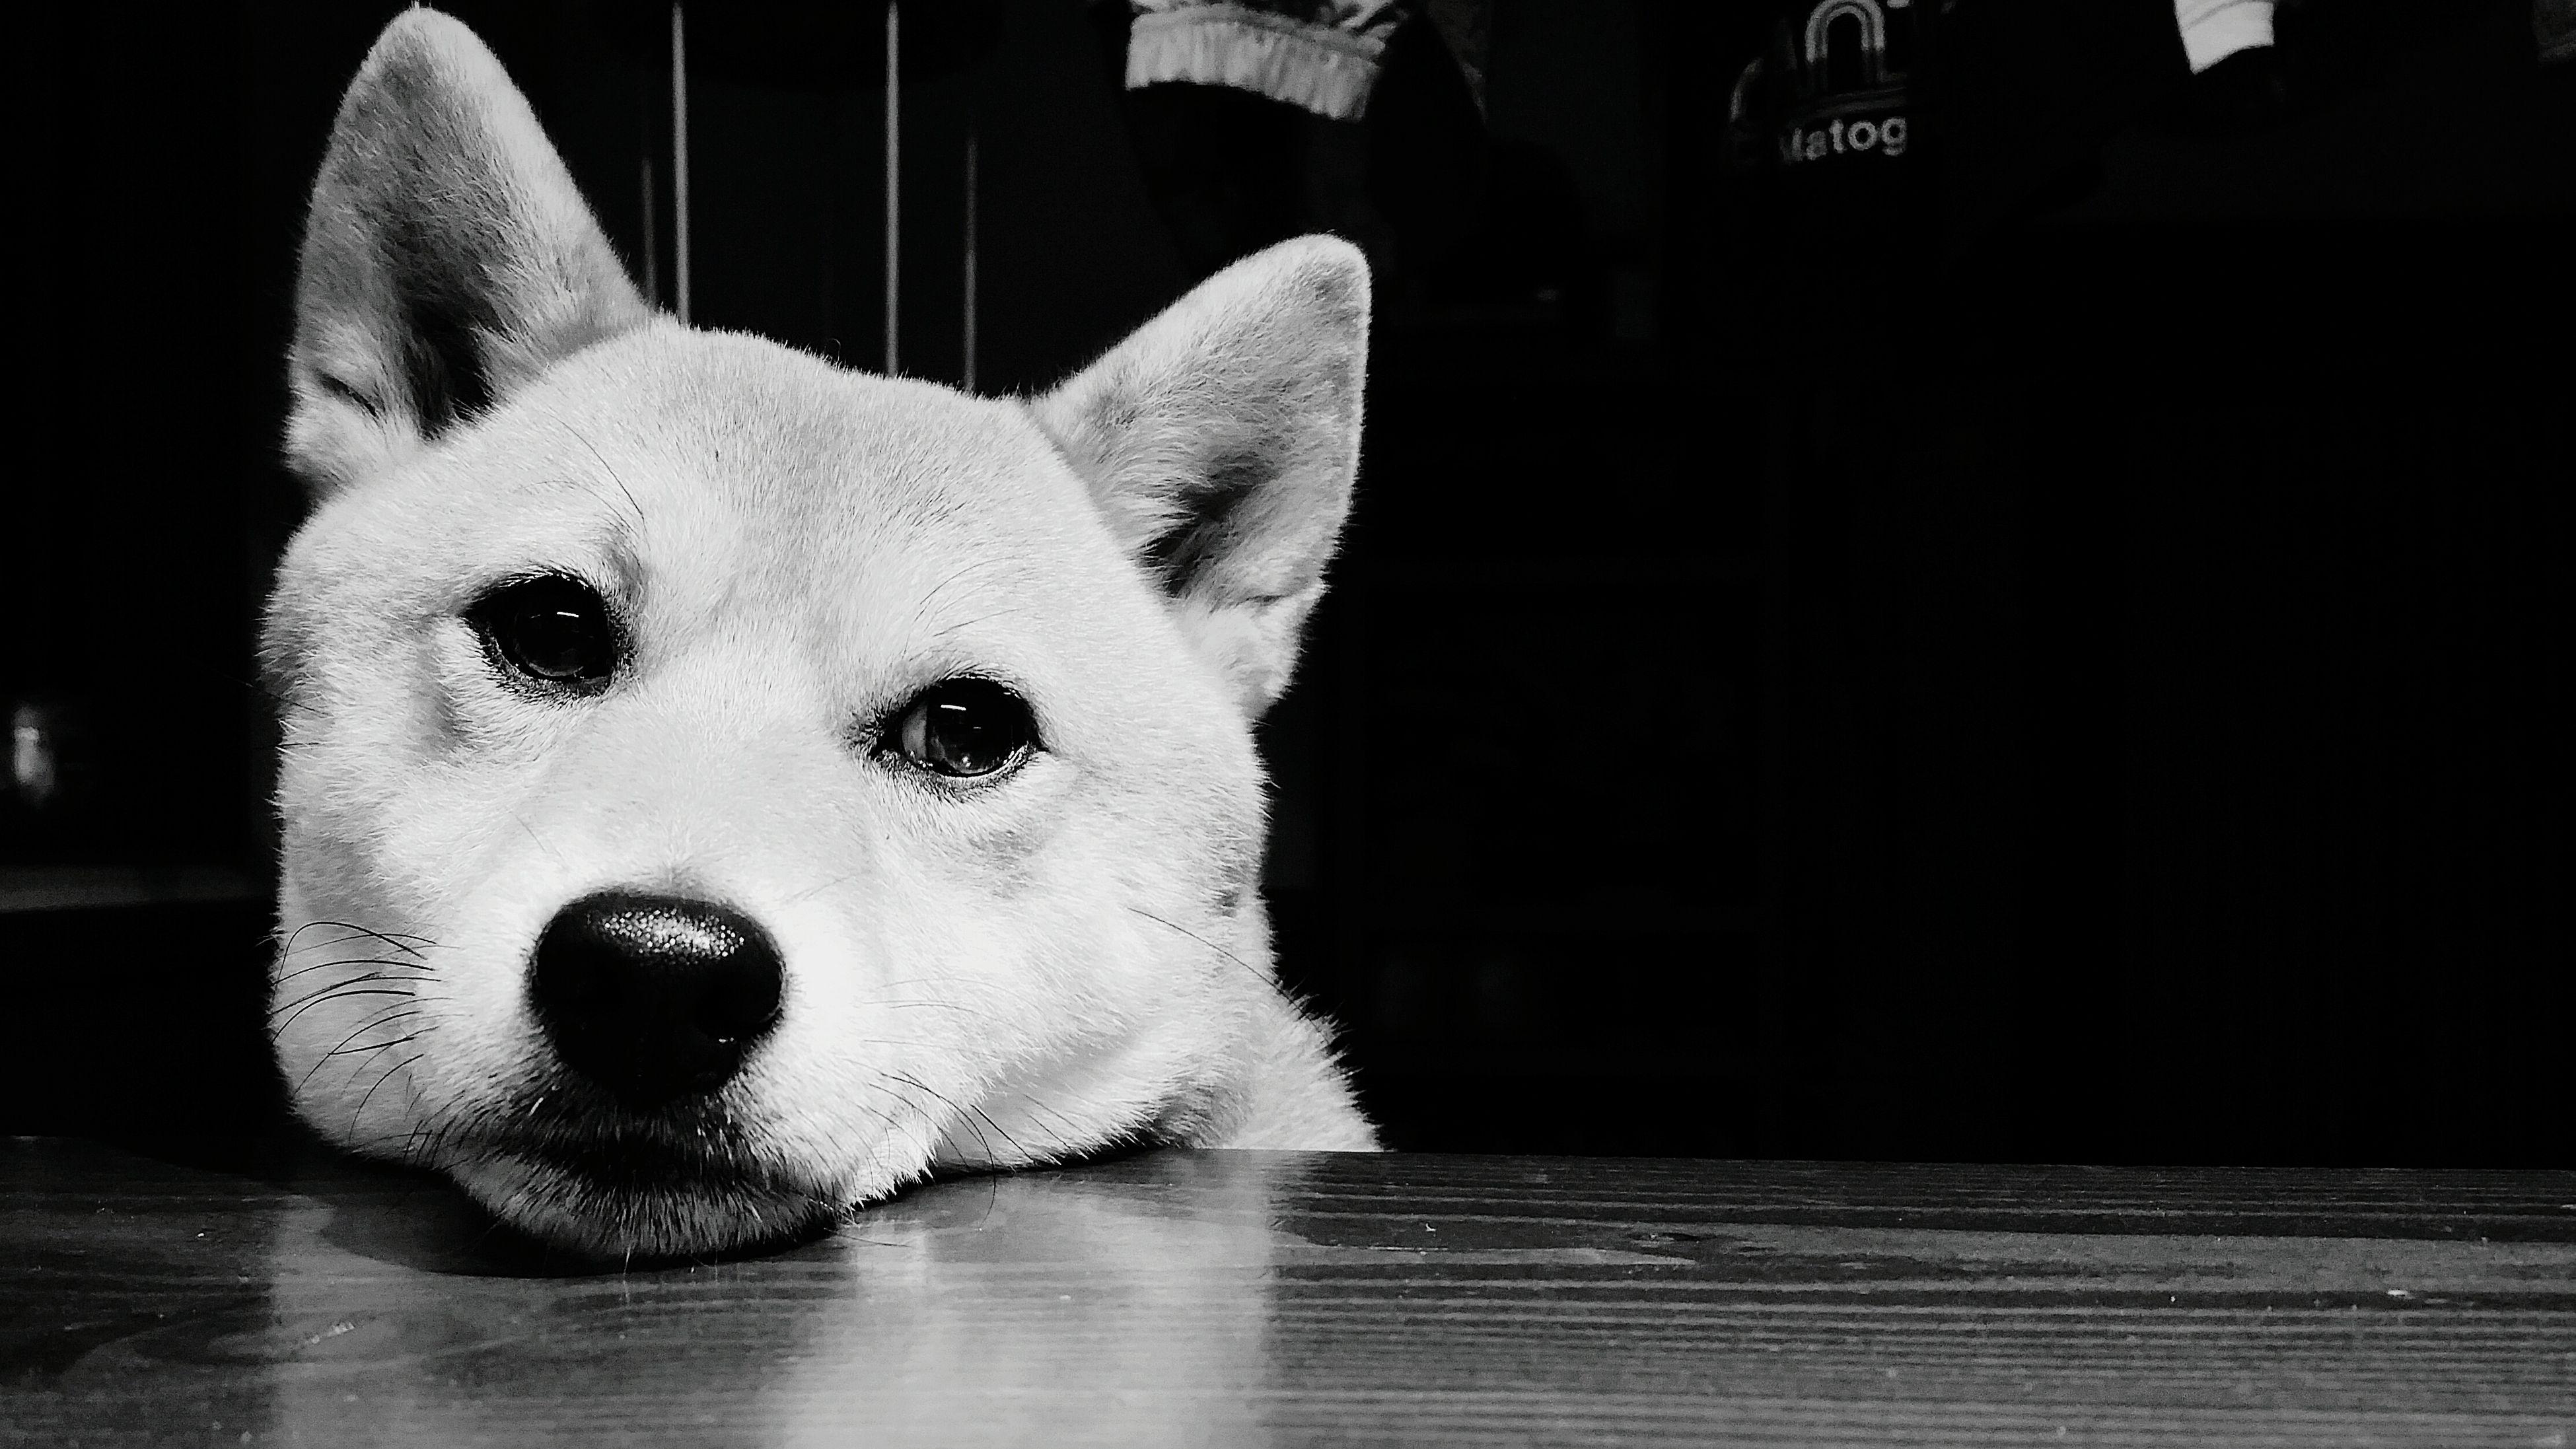 おはようございます。小雨が時折混じる曇りの富士市。今日は朝8時少し前に自宅を出発し、岐阜へ向かっています。写真は、昨晩次男くんが撮った、我が家の奈々ちゃん。いつも写真を撮ると、ブレブレになってしまう次男くん、今回は大成功!「僕の犬だもん♪」ご機嫌でした。 Hello World Shiba Inu 柴犬 何を考えてるの?